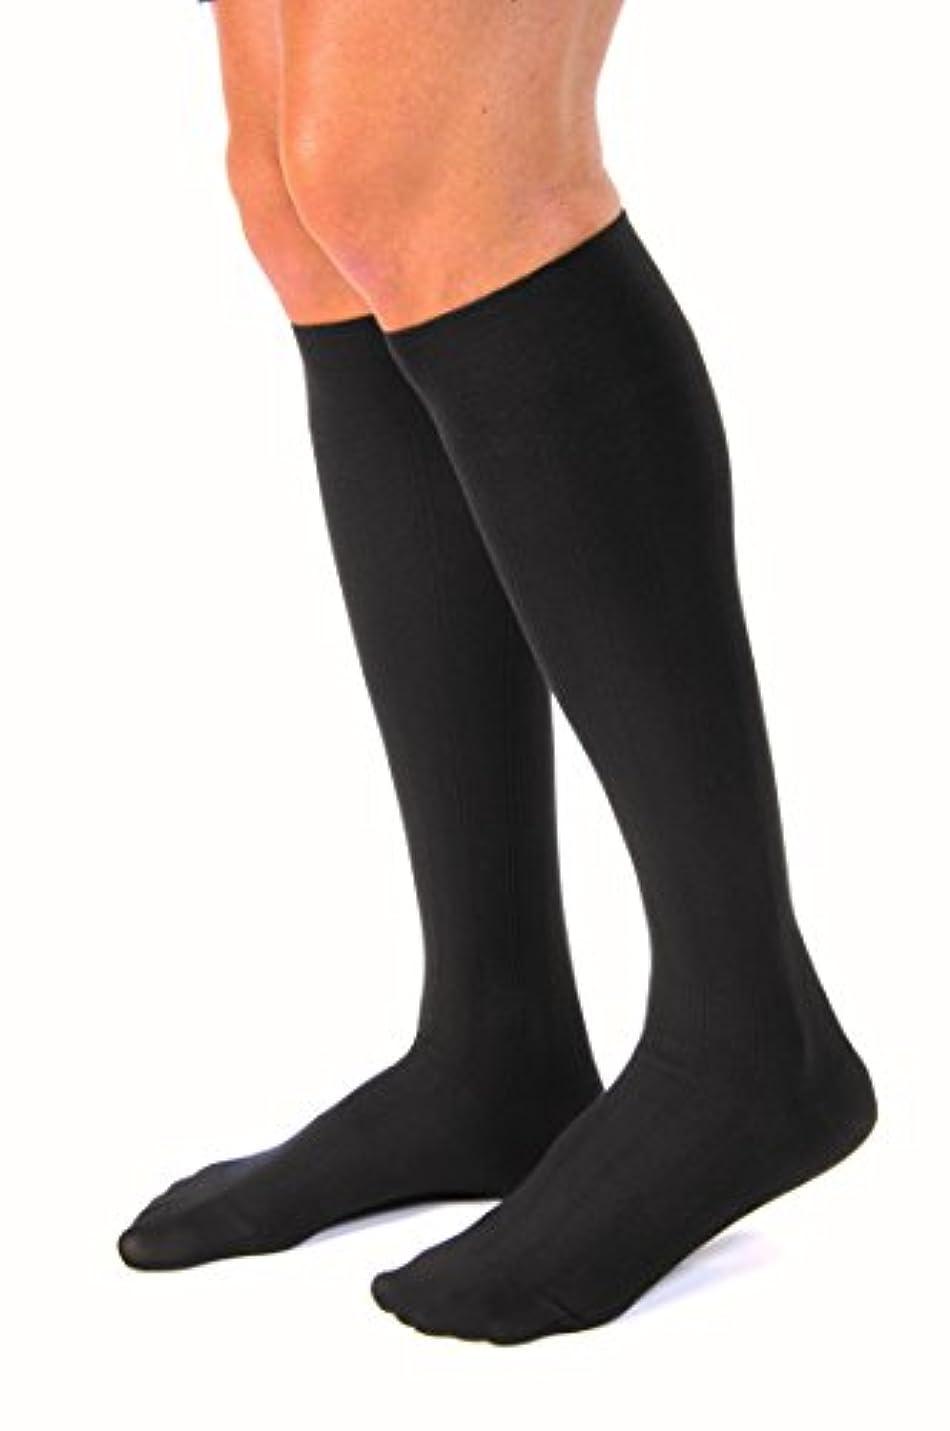 下品水差し水差しJobst 113122 for Men 20-30 mmHg Firm Casual Knee High Support Socks - Size & Color- Black Medium Tall